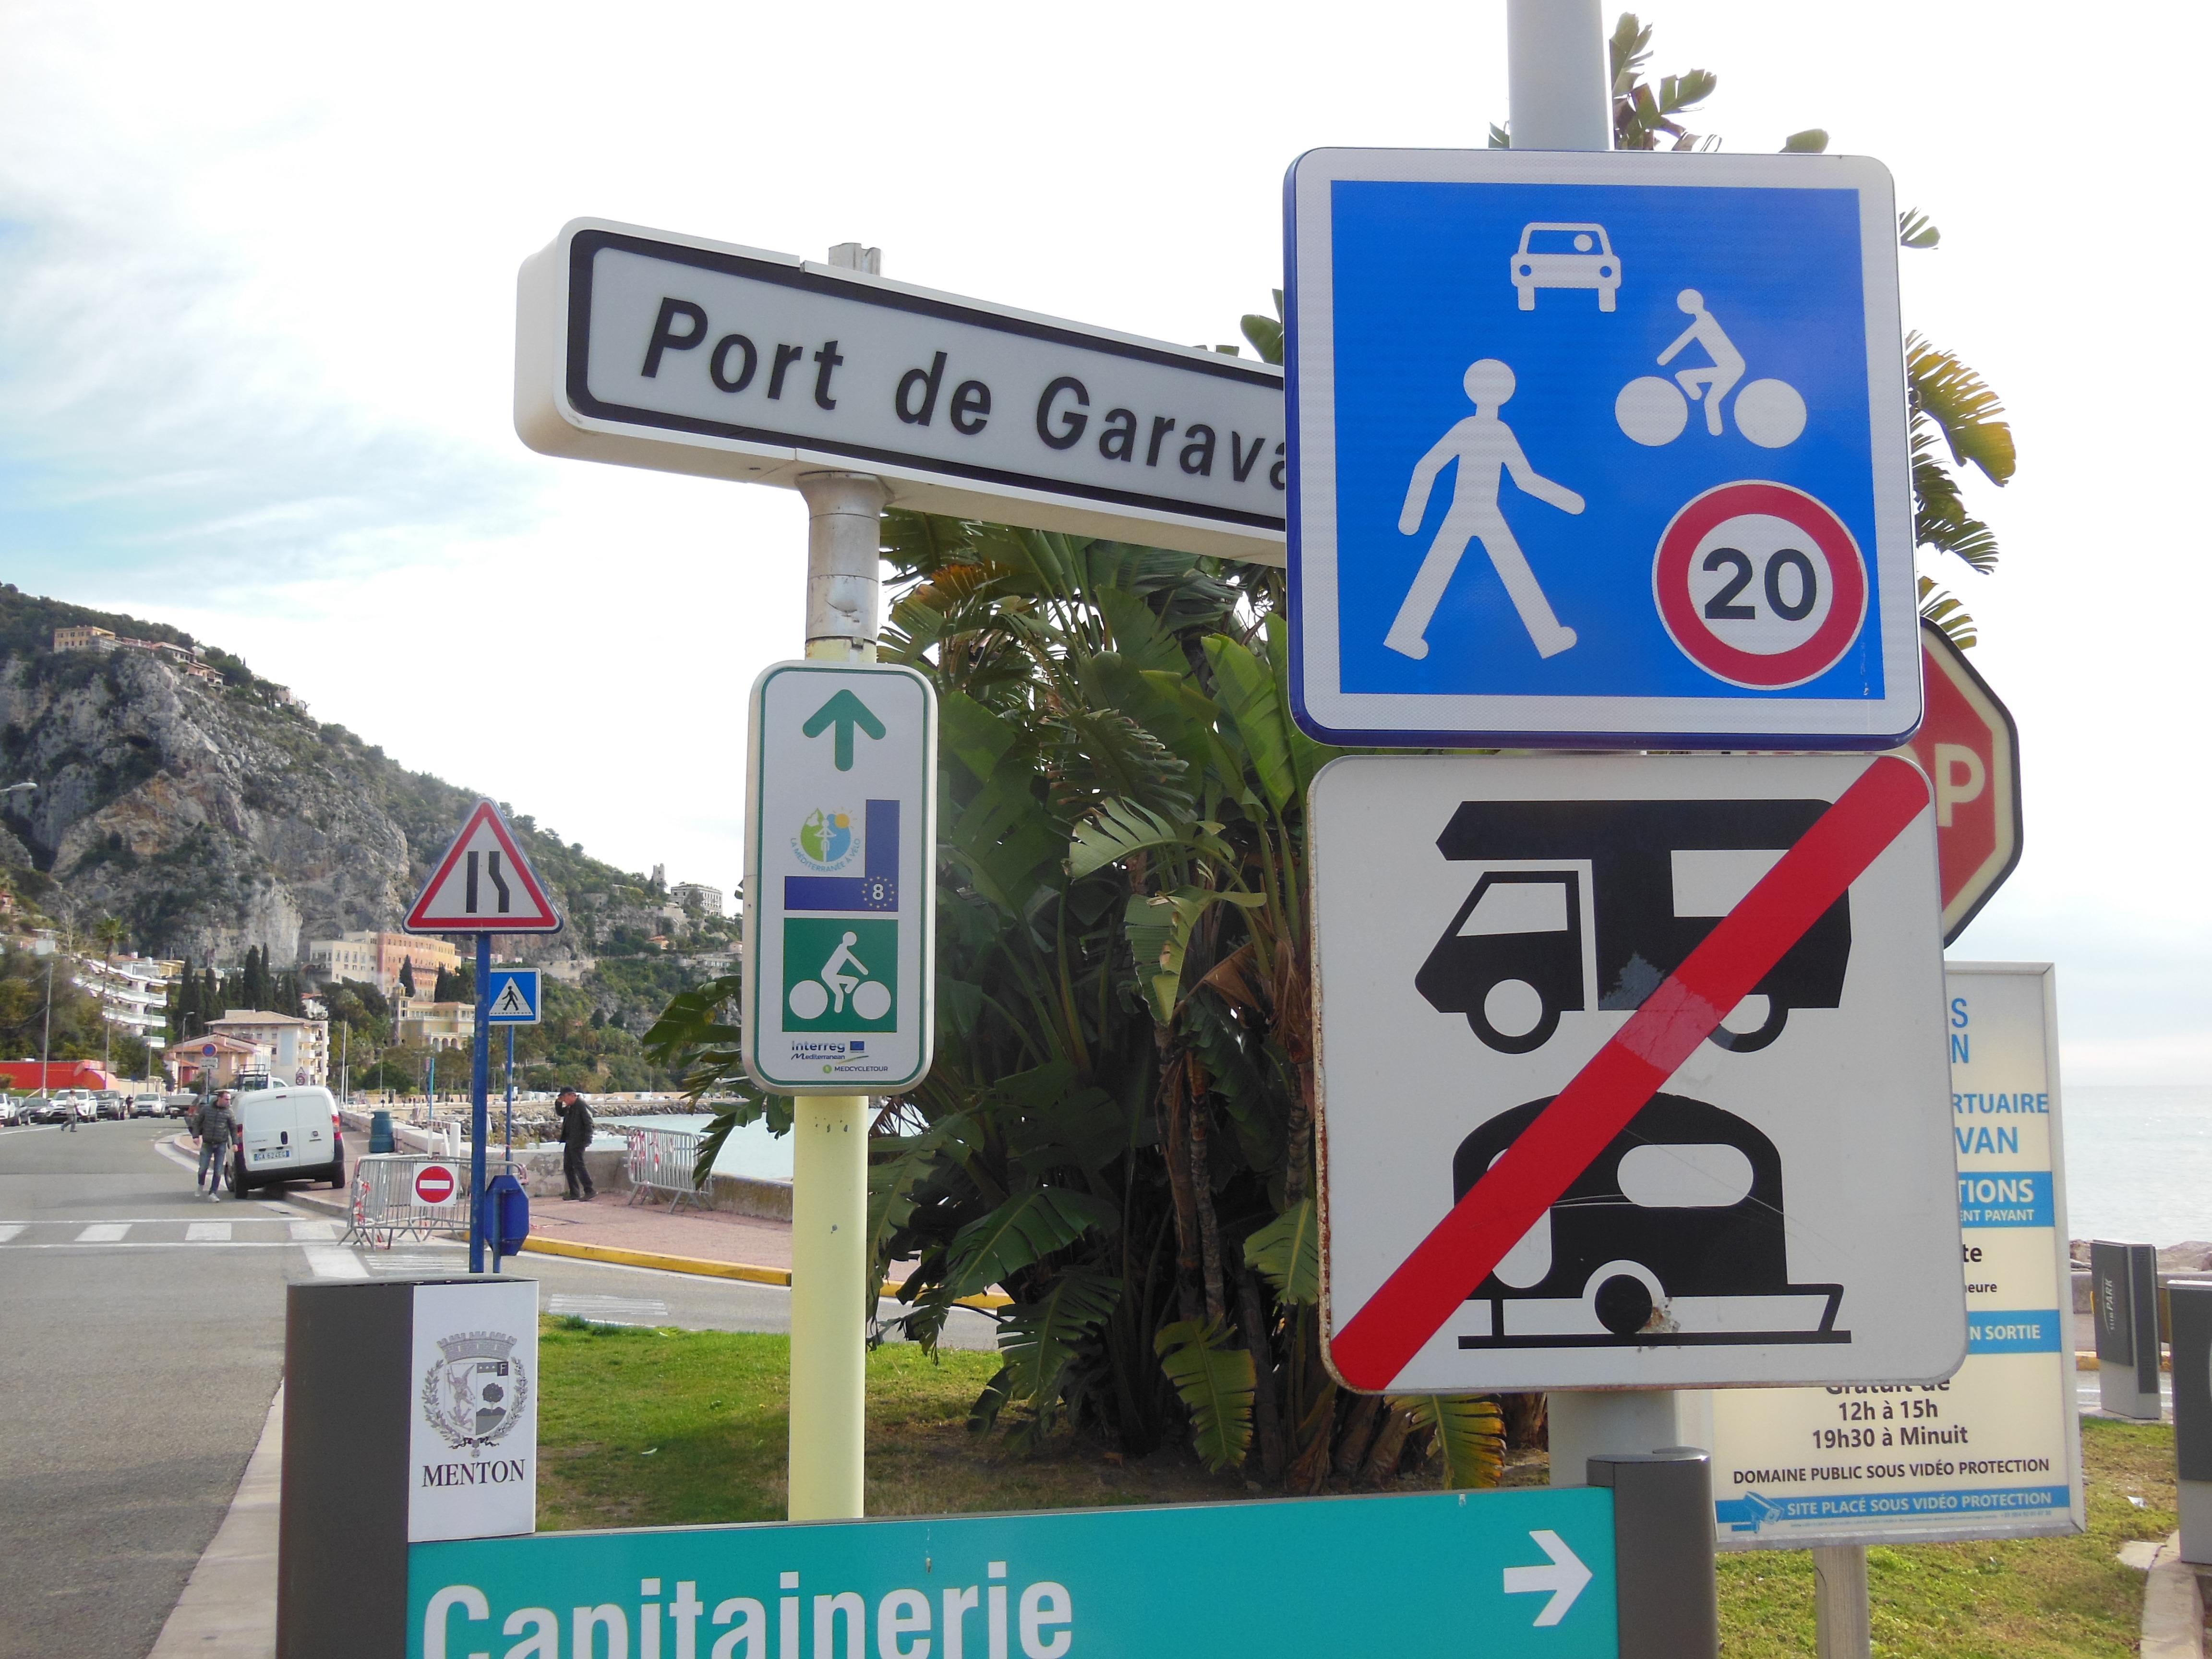 Port de Garavan